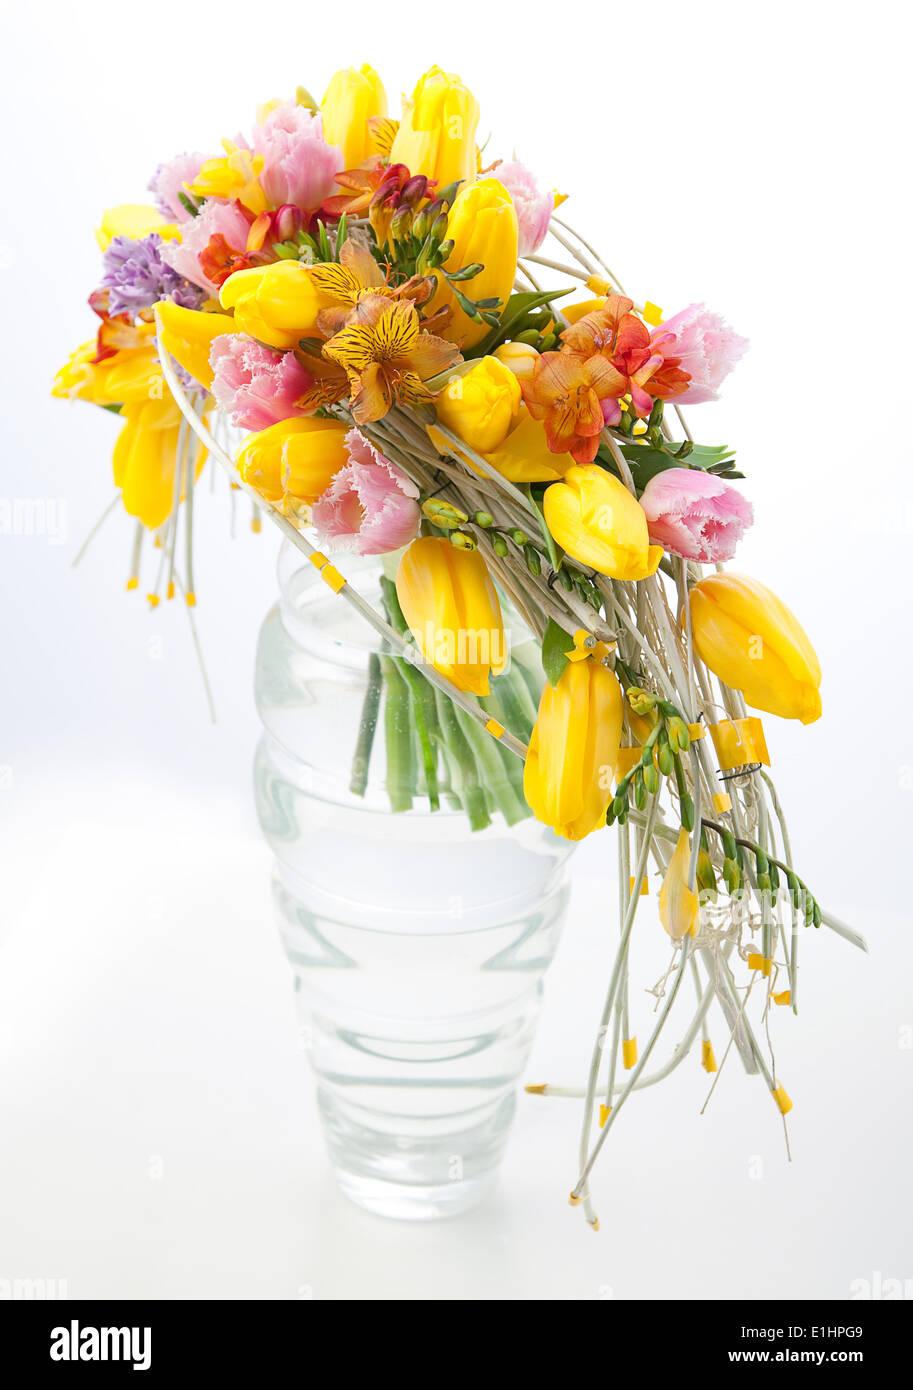 Floristeria Ramo De Flores Coloridas Disposicion Central En Jarron